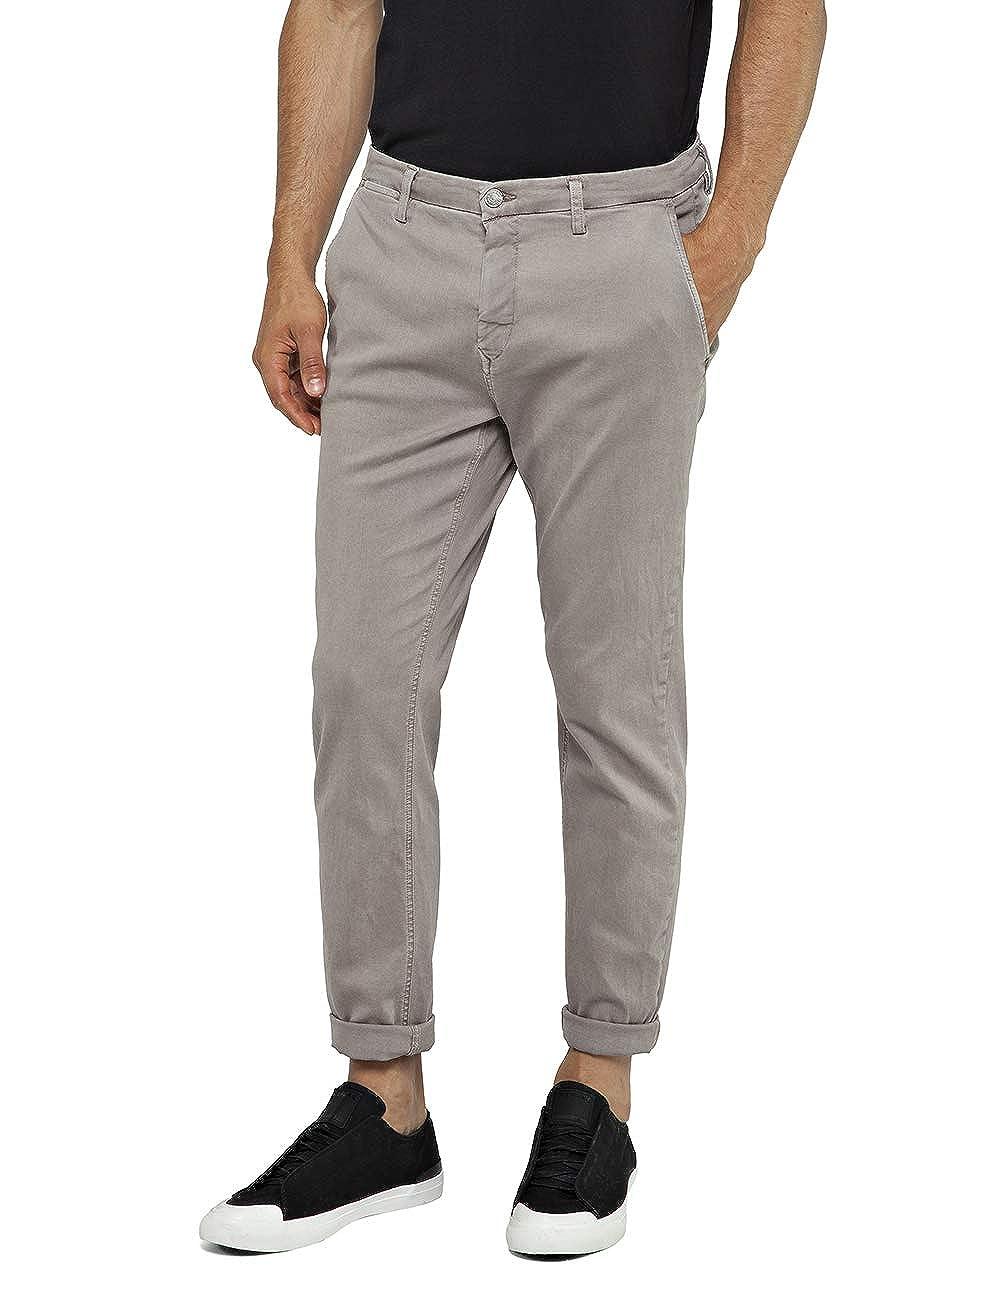 TALLA 32W / 34L. REPLAY Zeumar Pantalones para Hombre